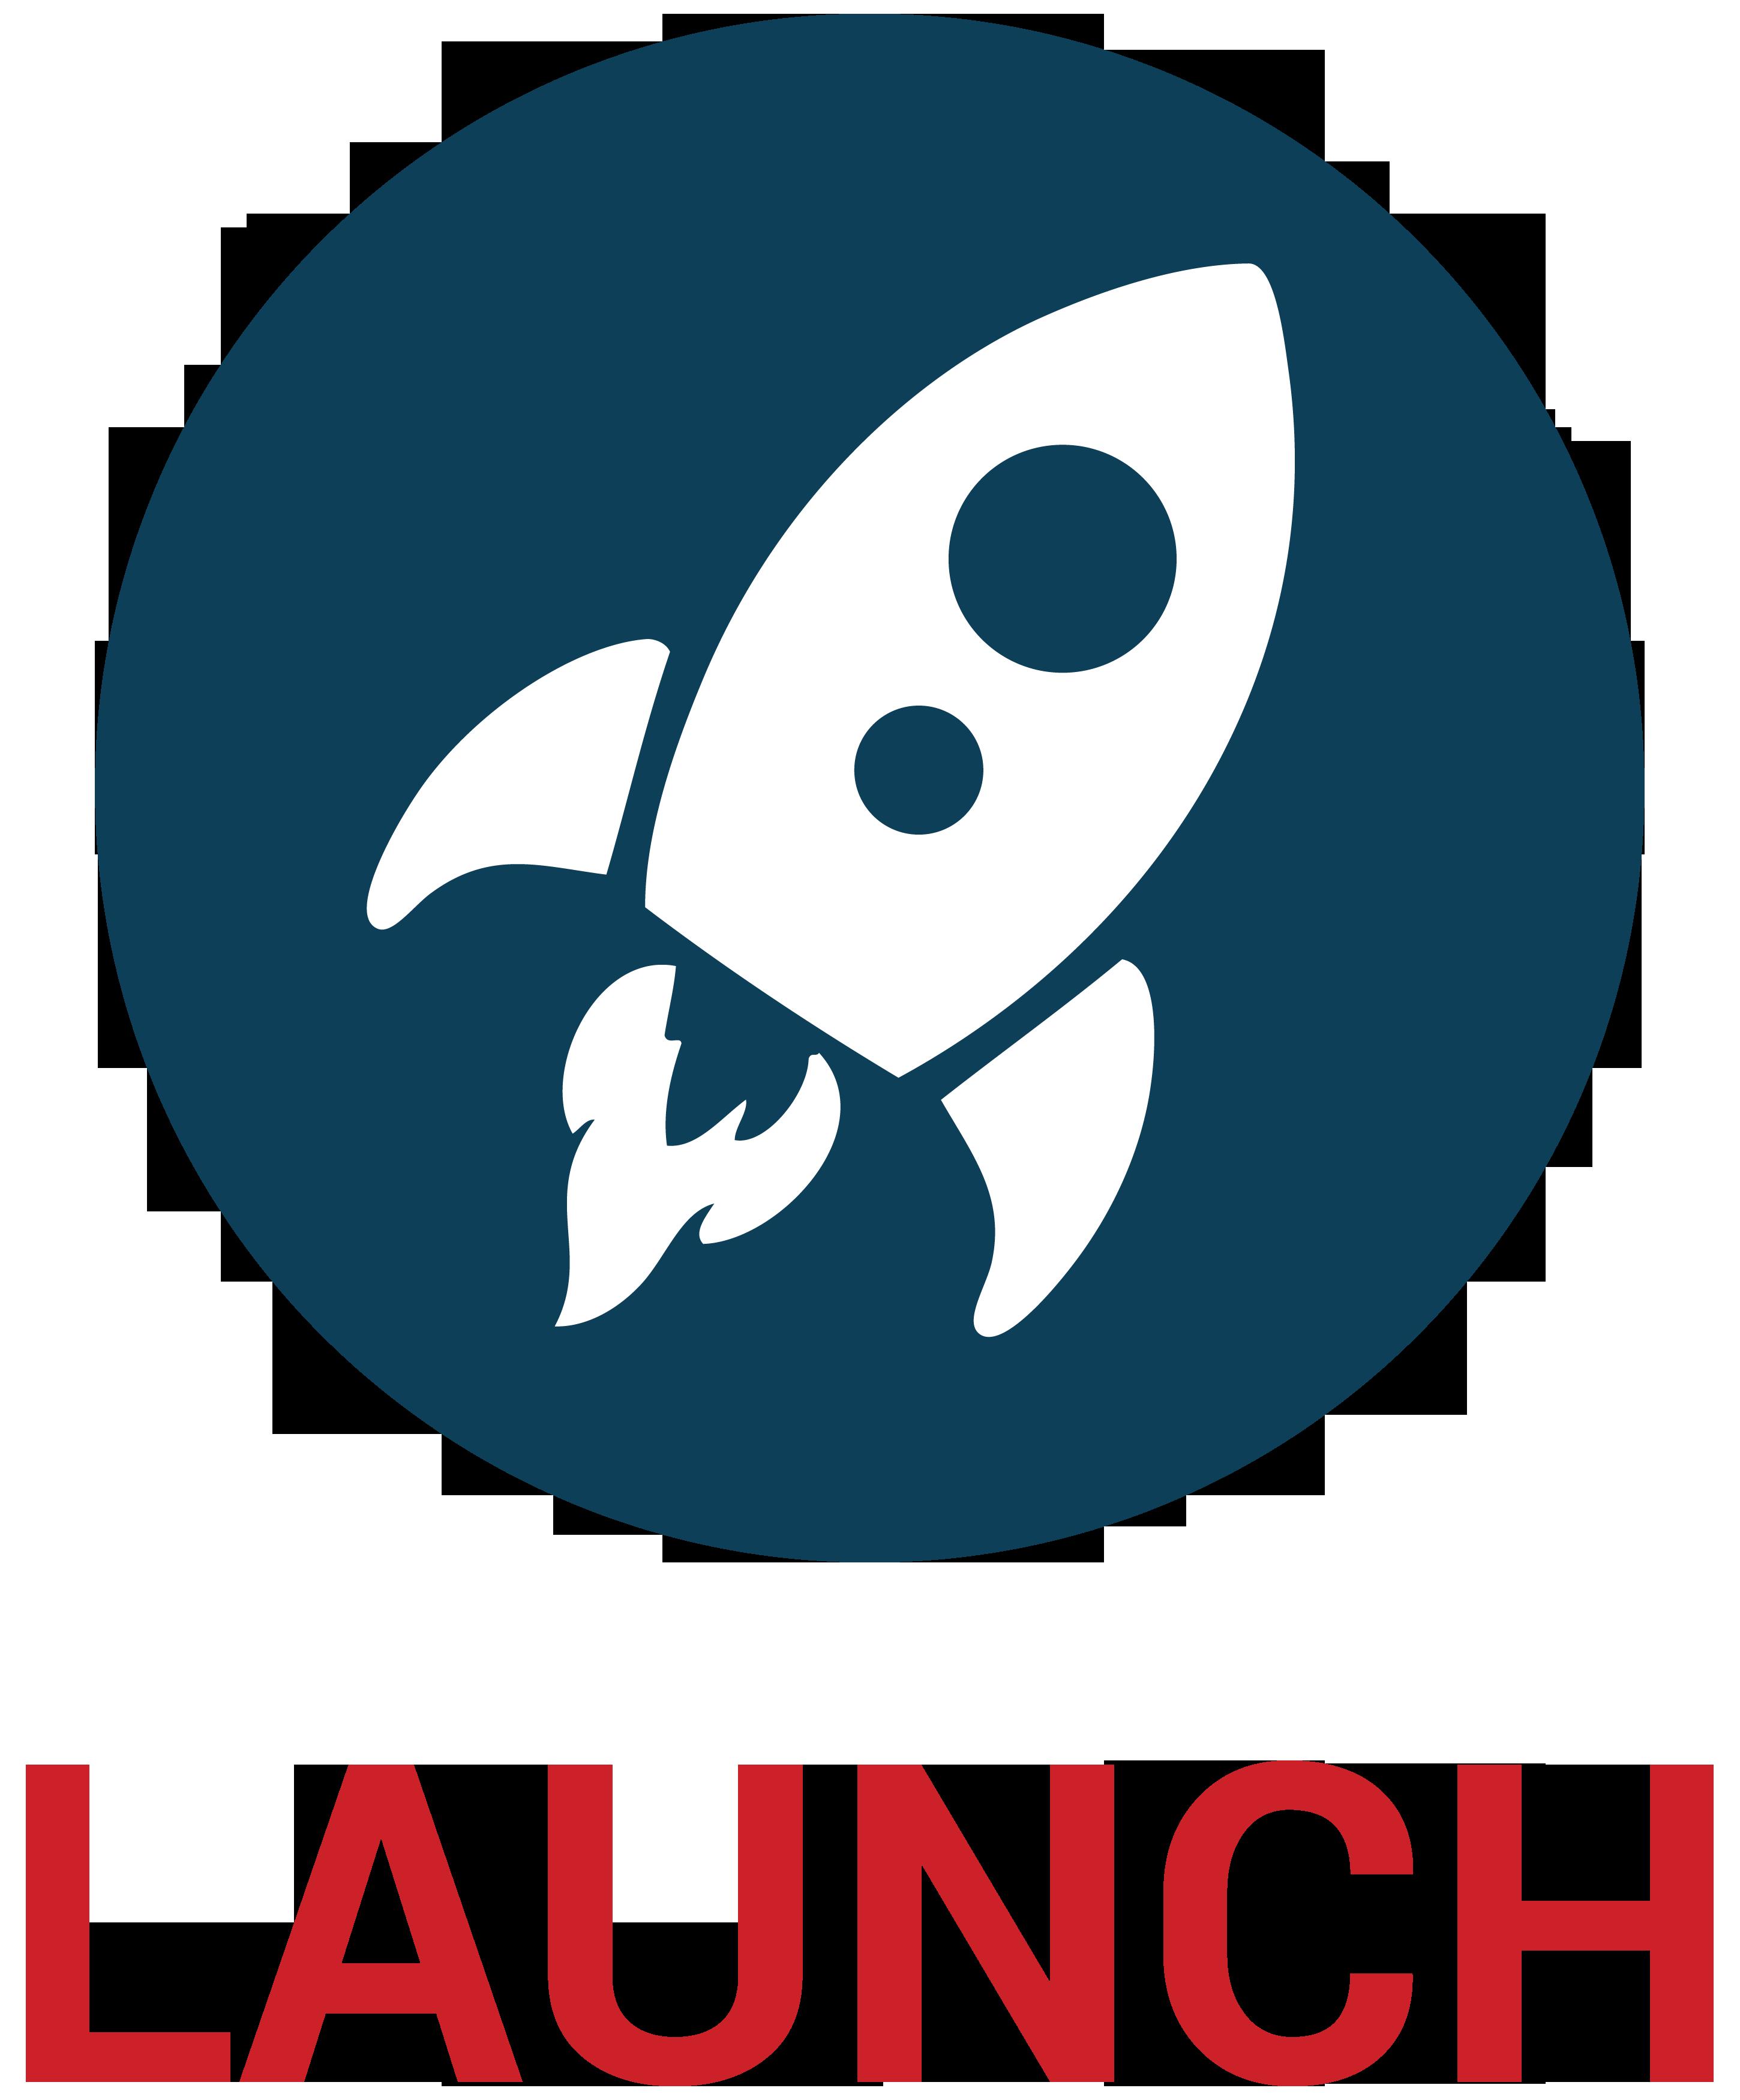 Launch Blairsville Union County Chamber of merce GA